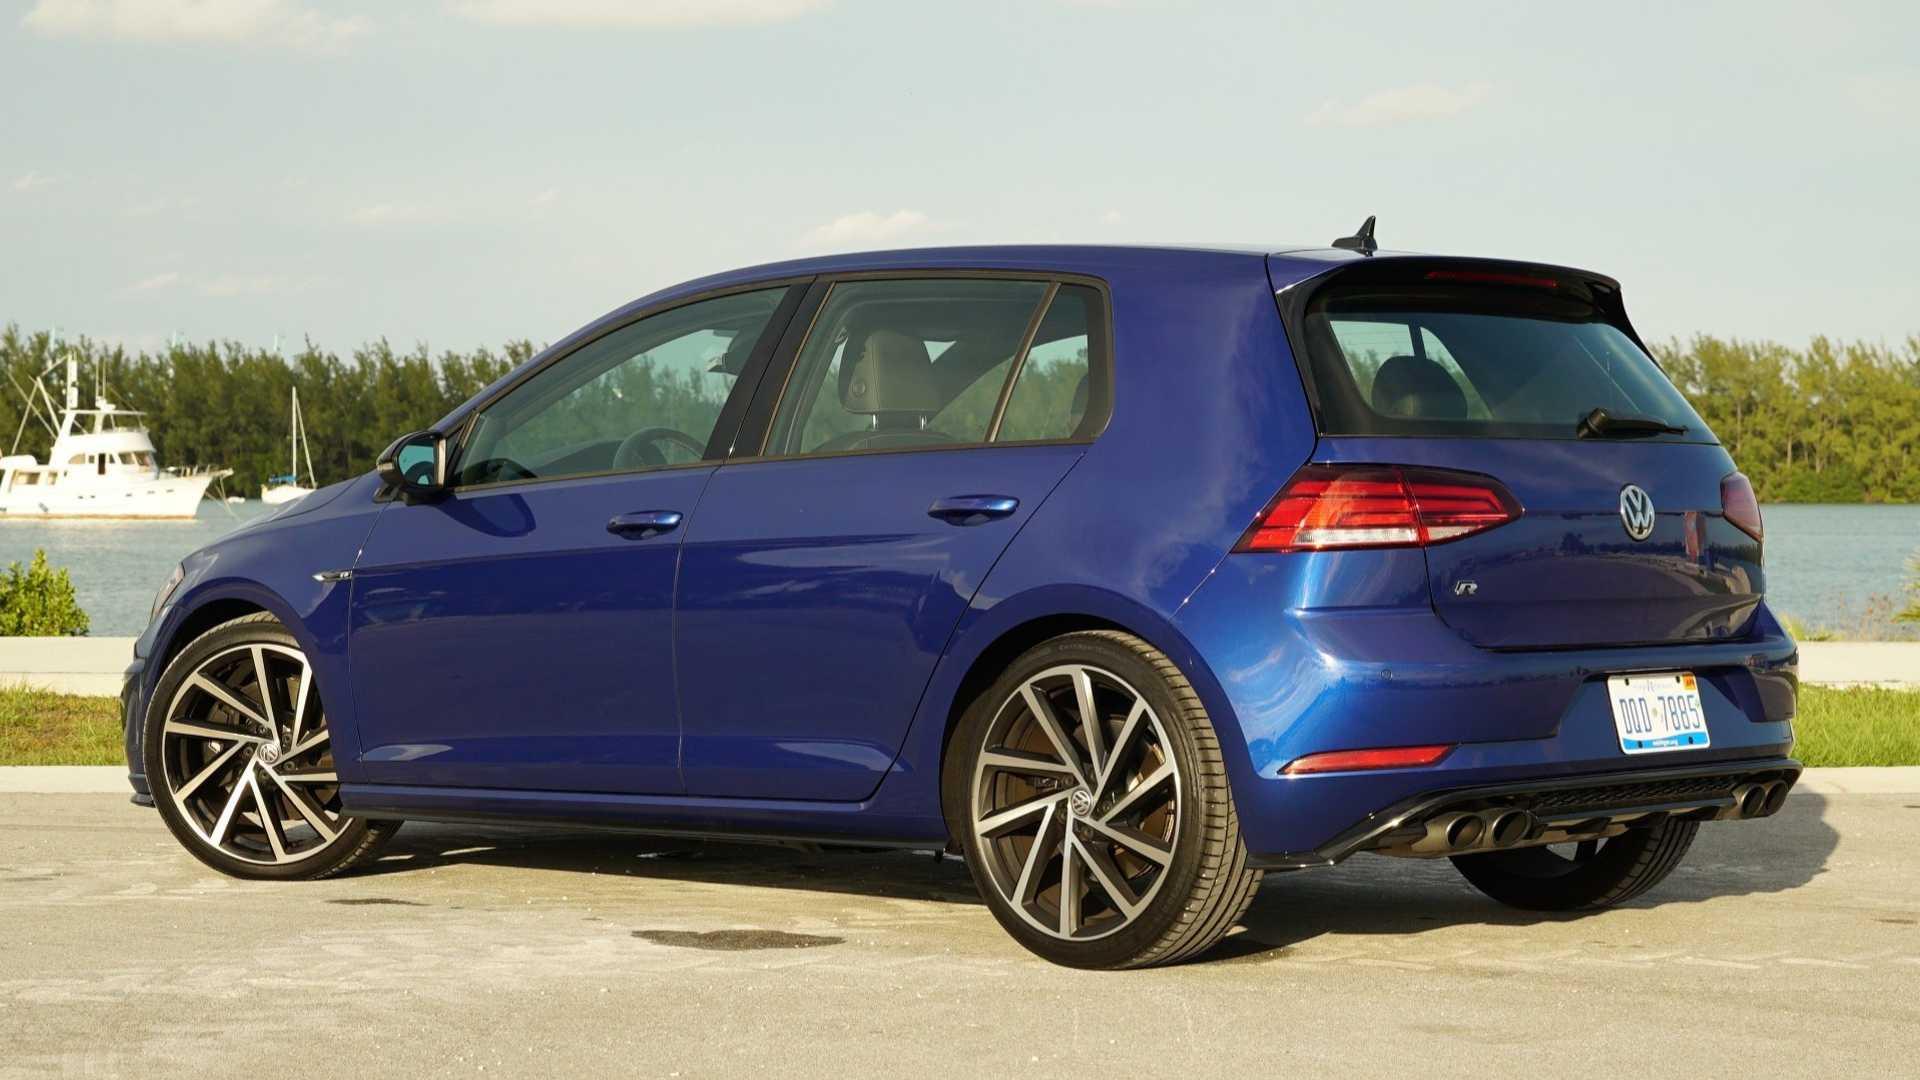 Volkswagen делает ставку на «заряженные» модификации своих авто в Америке